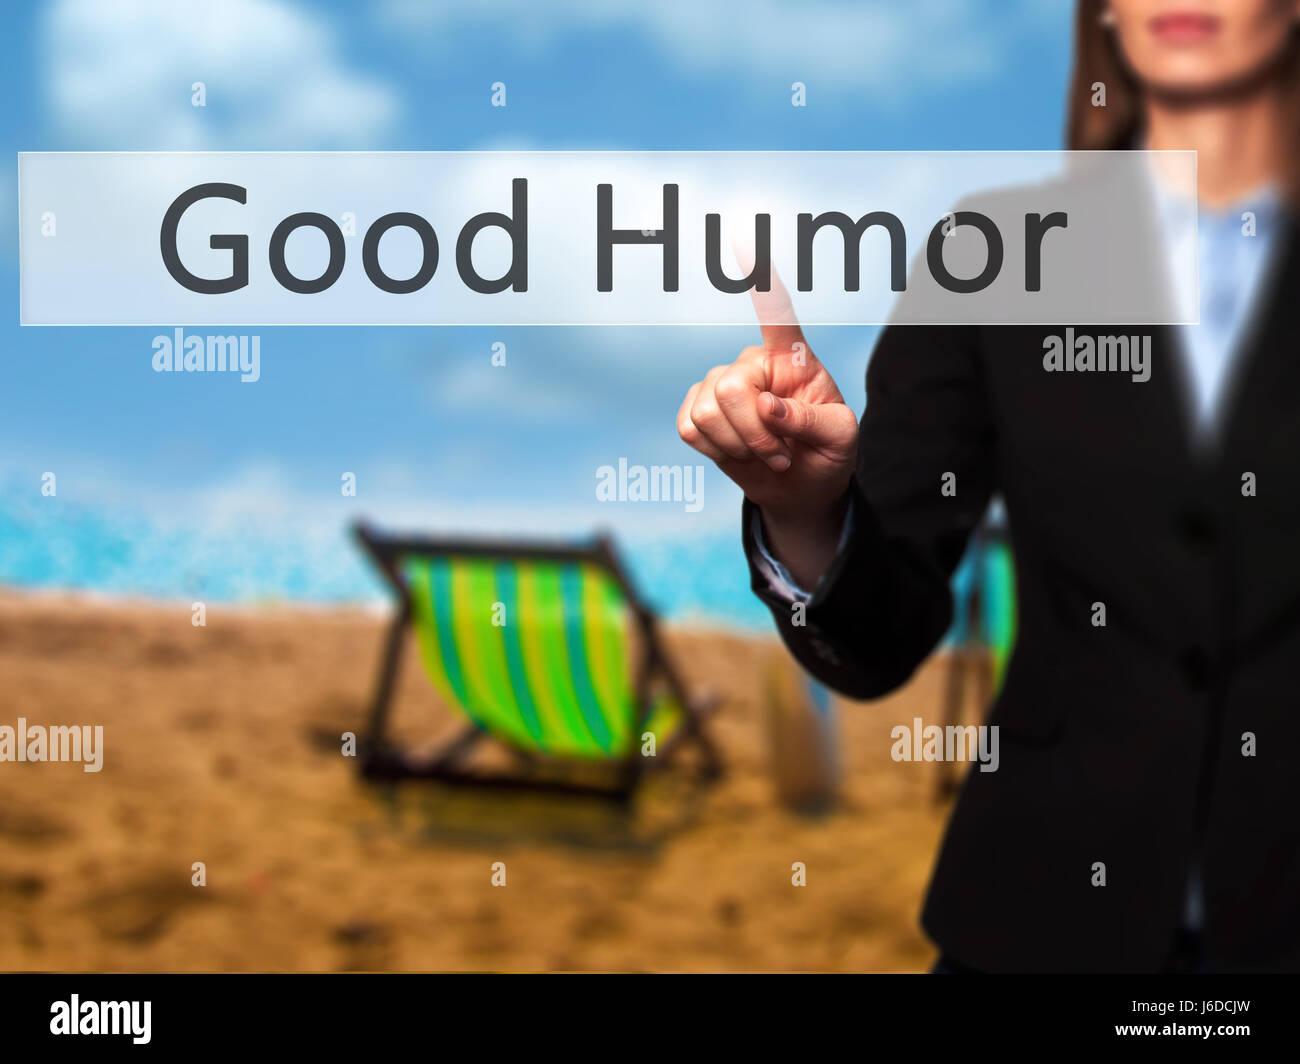 Buen Humor - Empresaria mano pulsando el botón en la interfaz de pantalla táctil. Negocios, tecnología, Imagen De Stock